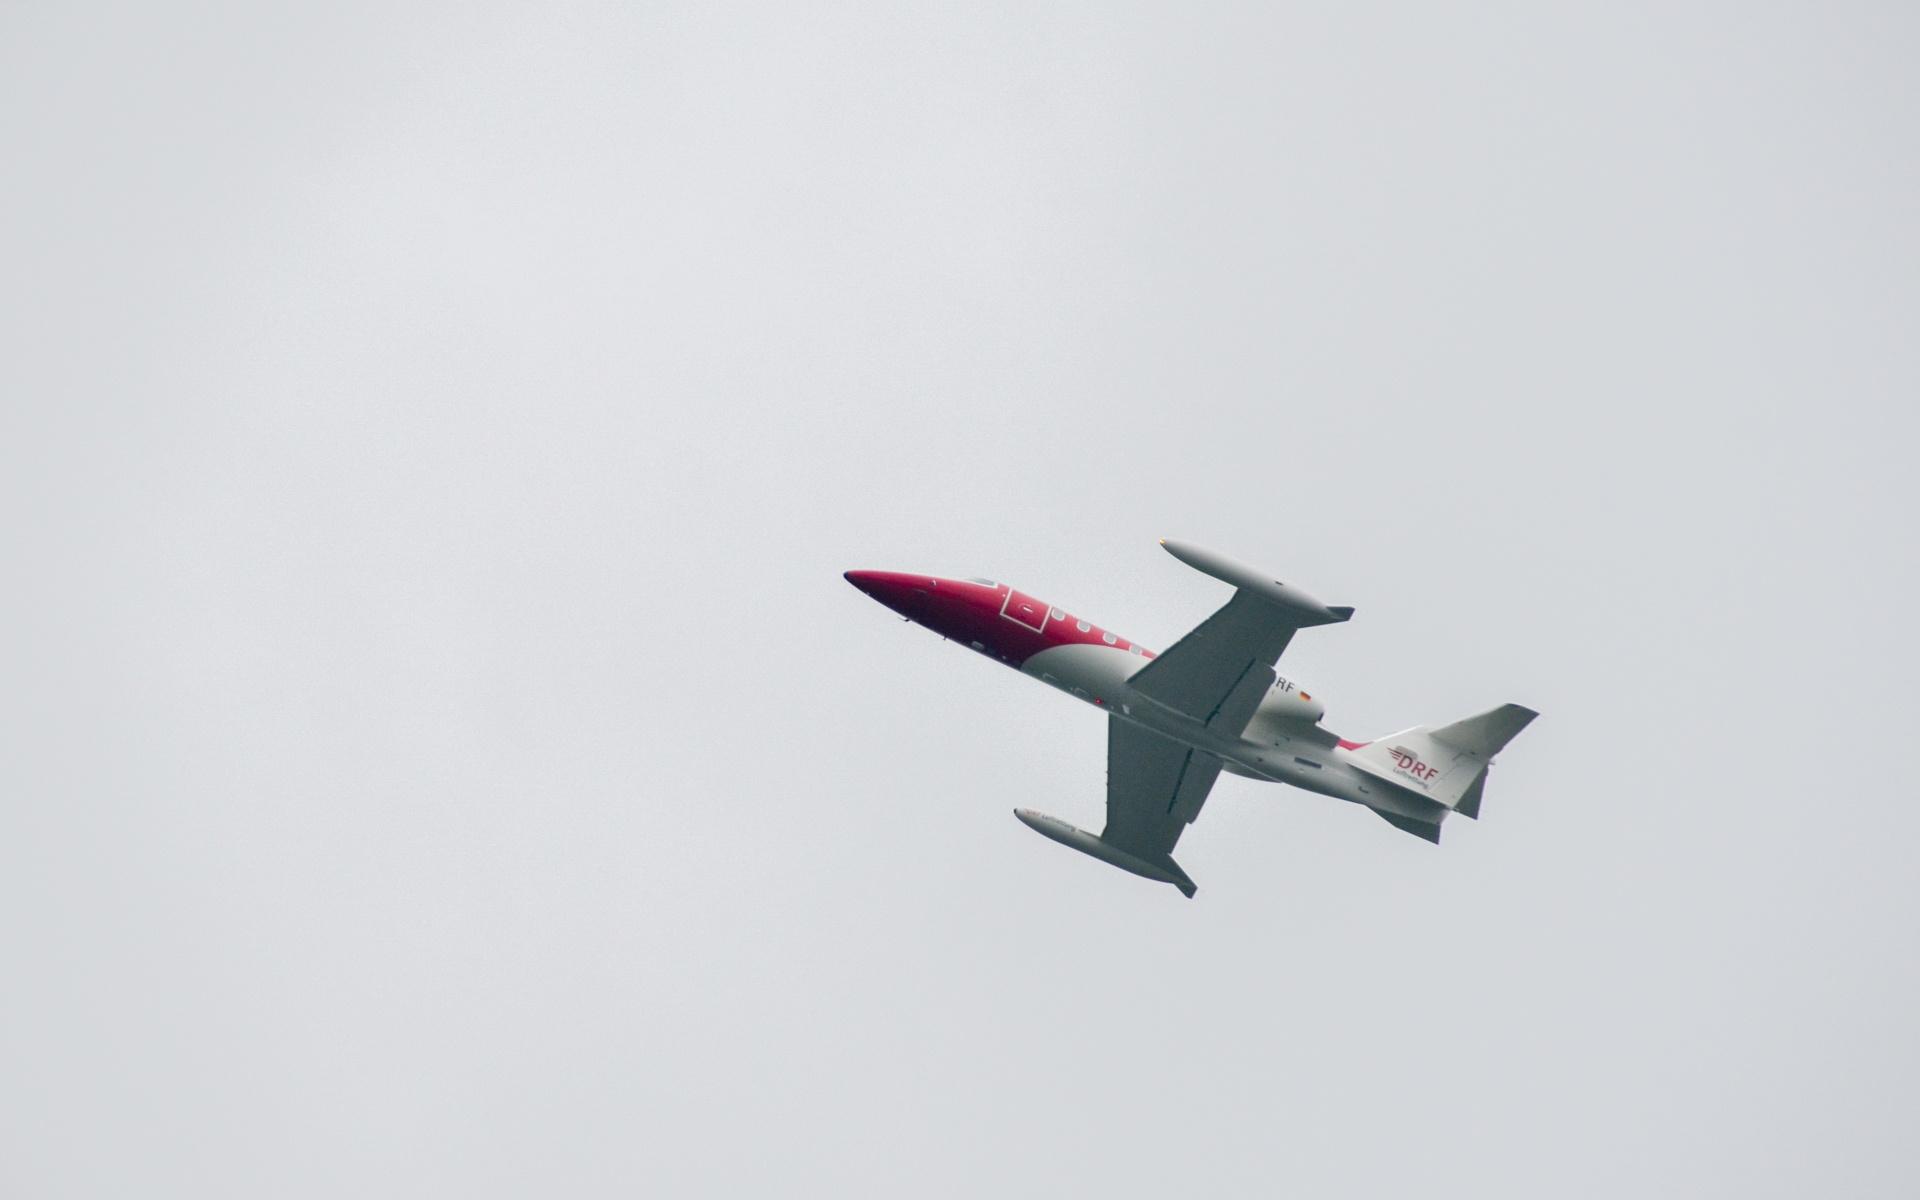 Vergangenen Freitag startete der Learjet direkt zu seinem ersten Einsatz an die Nordwestküste Spaniens zur der Stadt Vigo.